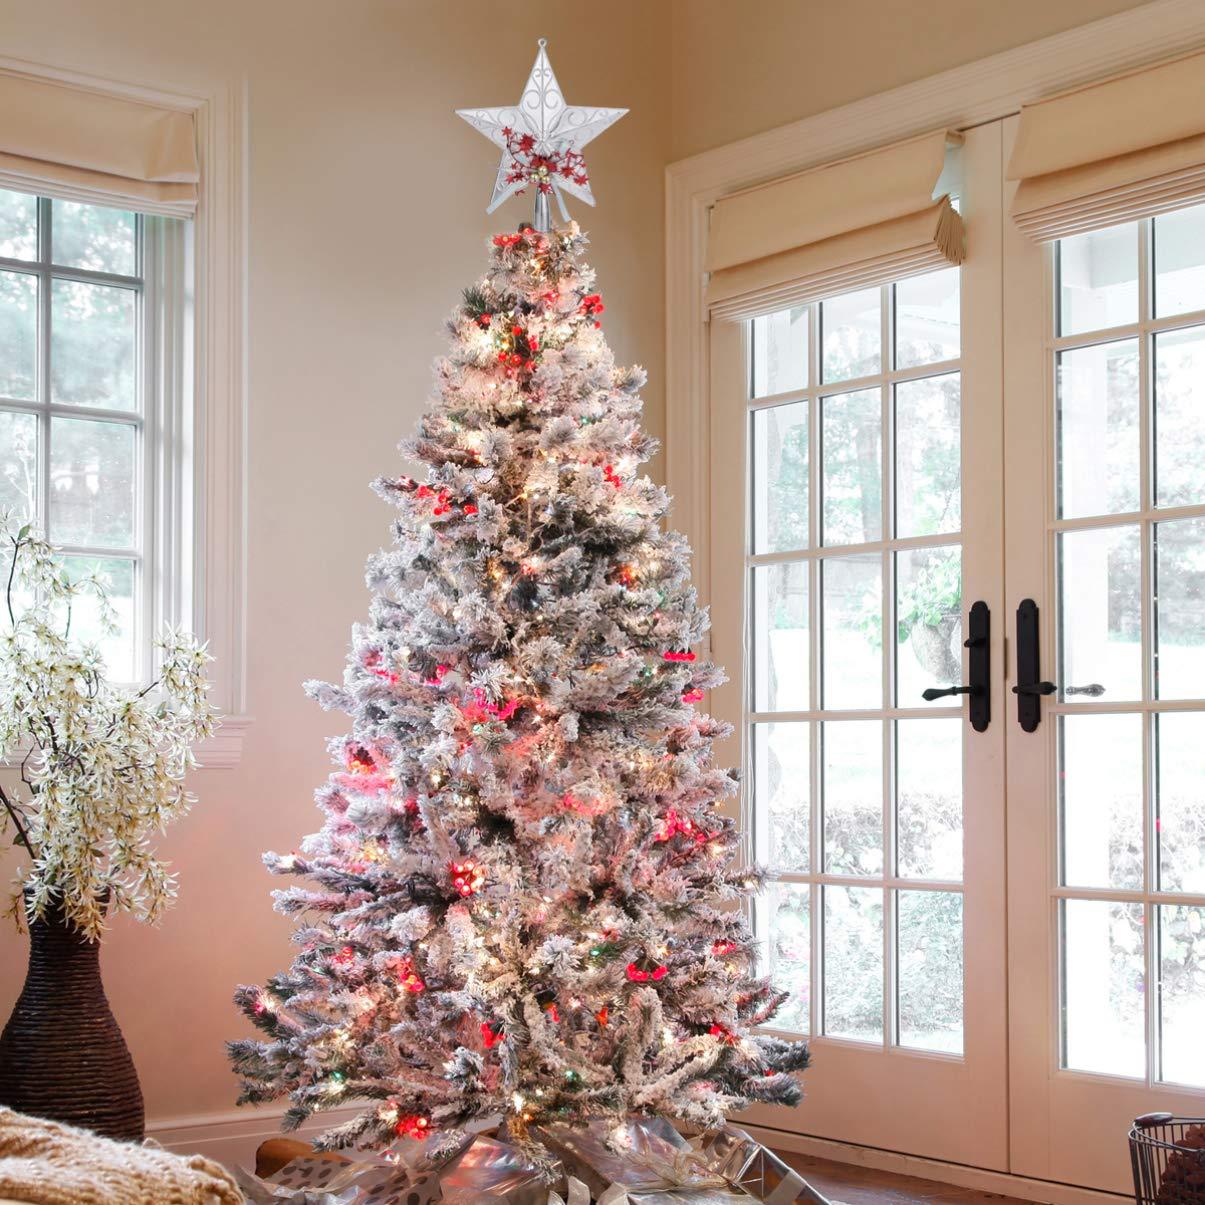 OSALADI 2 pezzi Puntale per Albero di Natale con Campana Stella Albero di Natale in Plastica Topper Albero di Natale Addobbi Natalizia